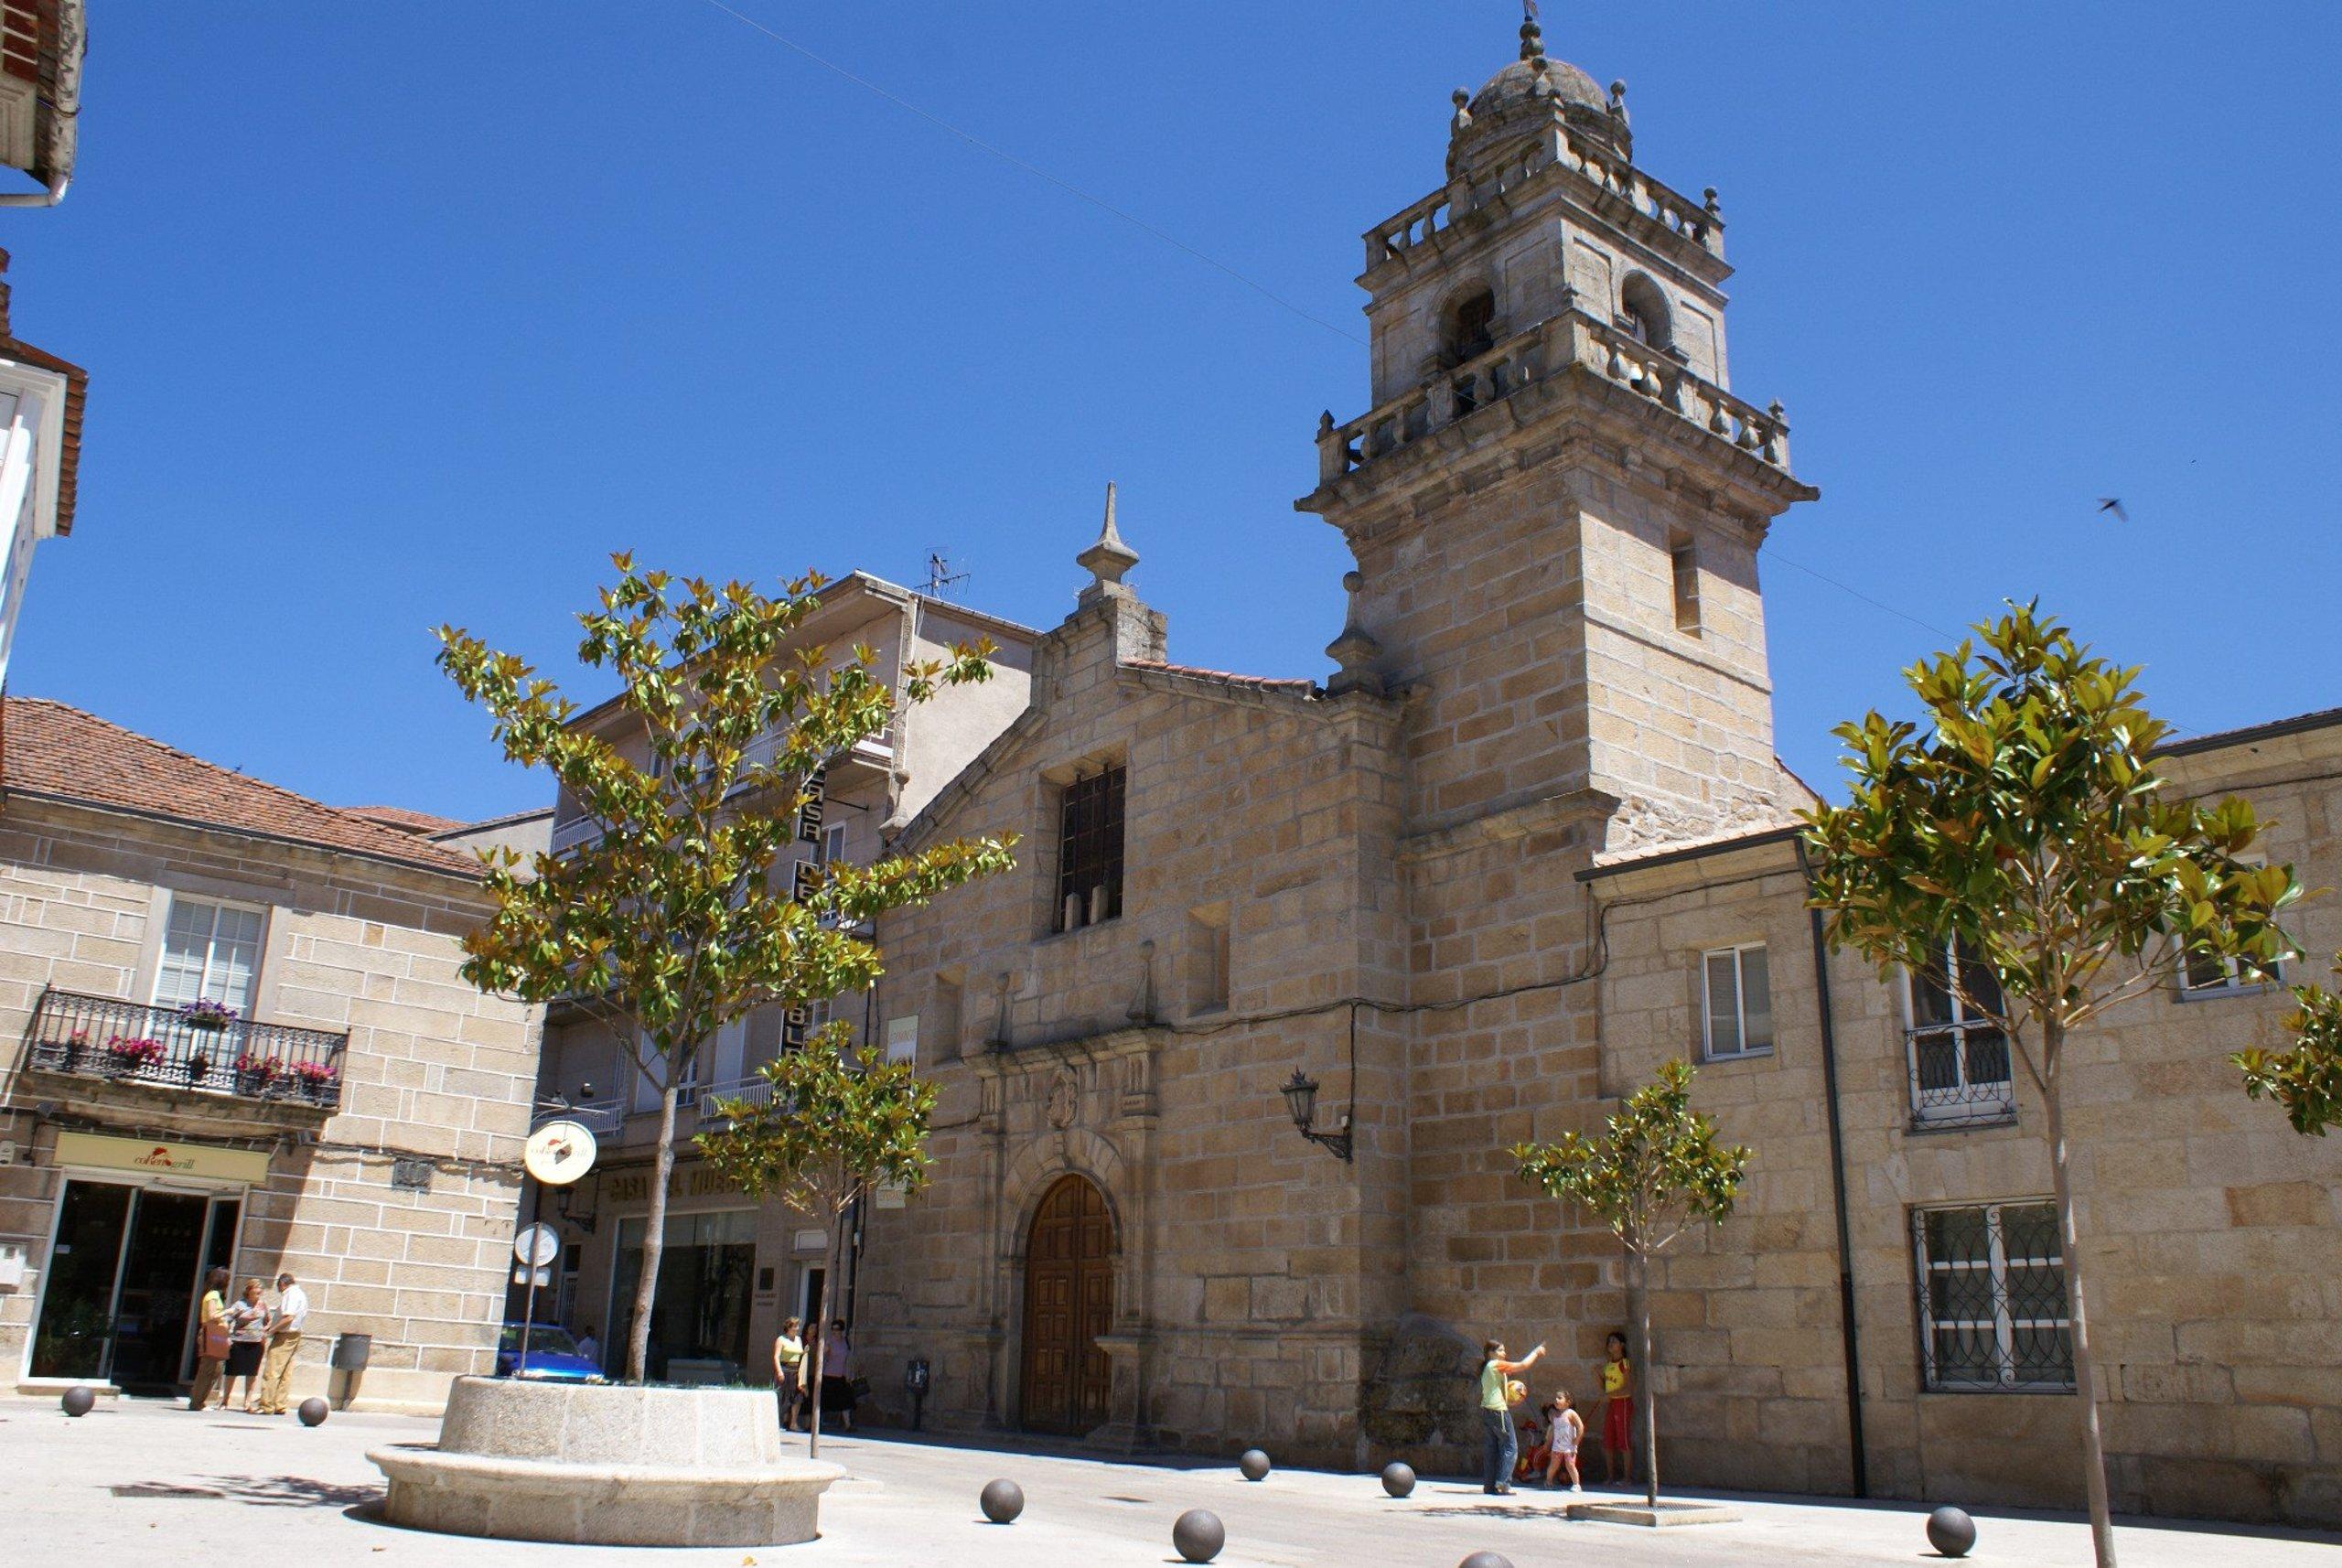 plaza-de-la-merced-iglesia